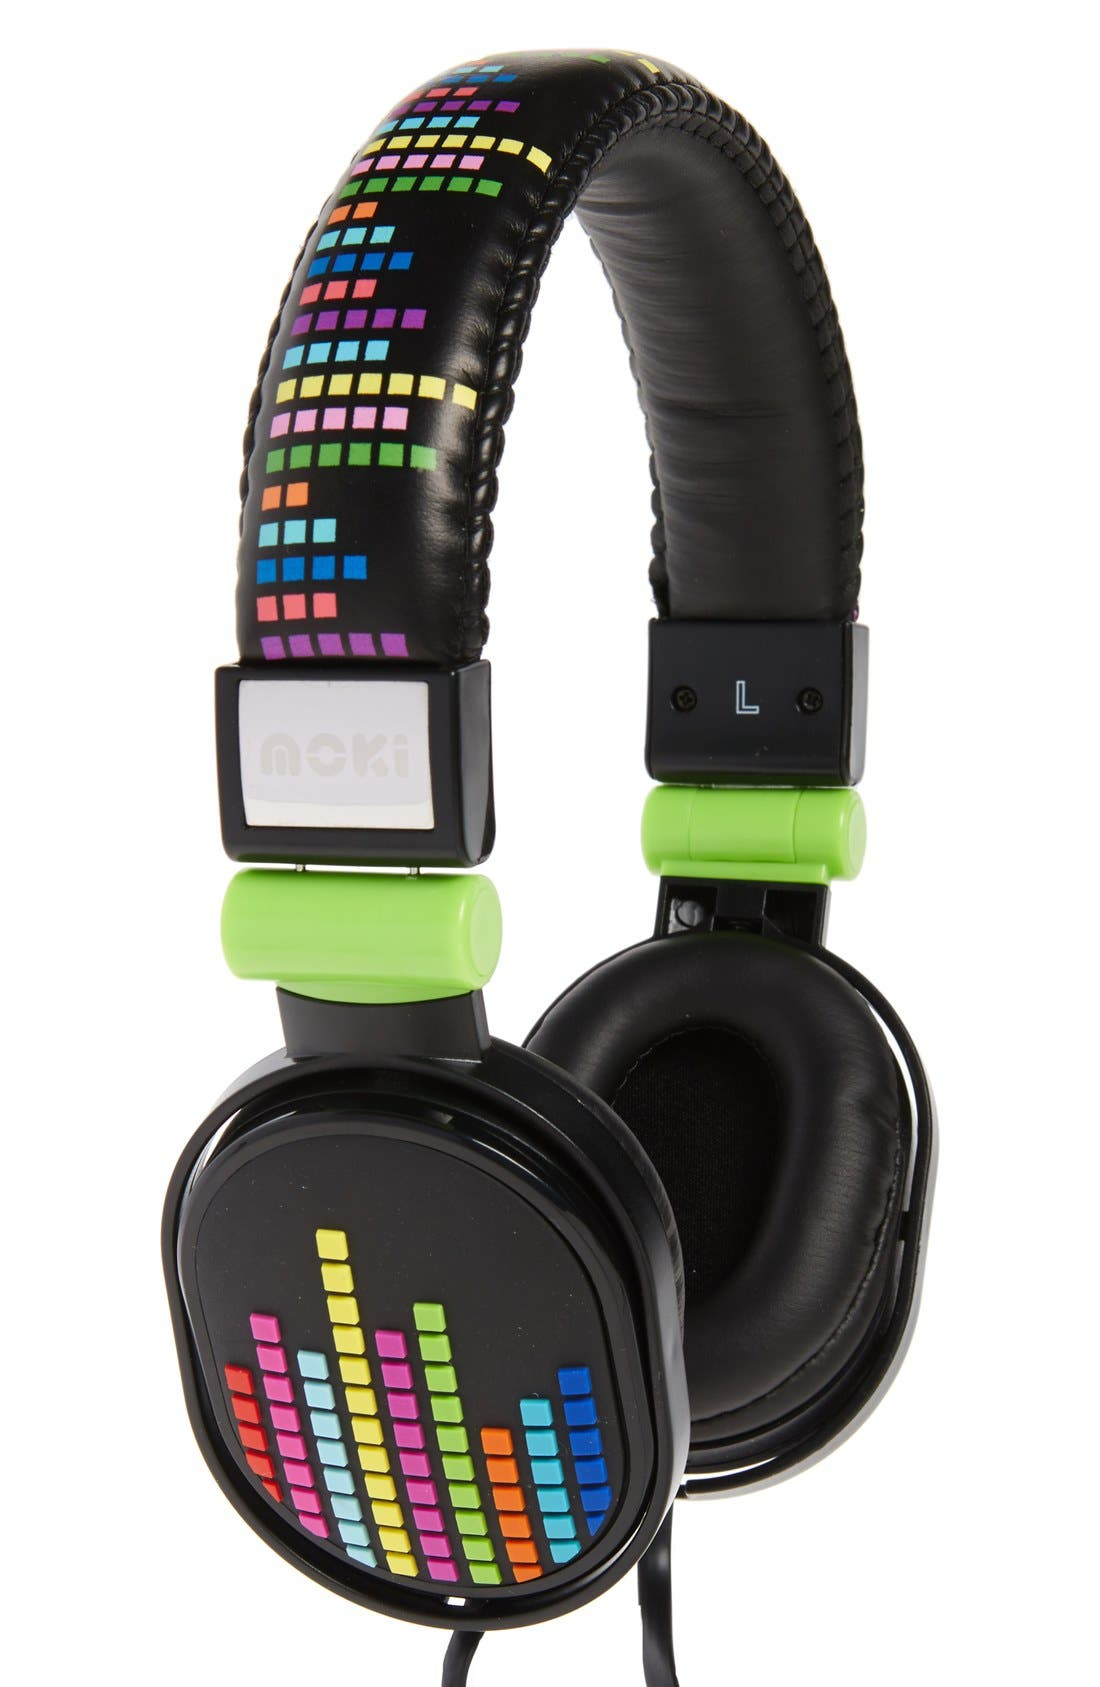 Moki Popper Volume Limited Headphones